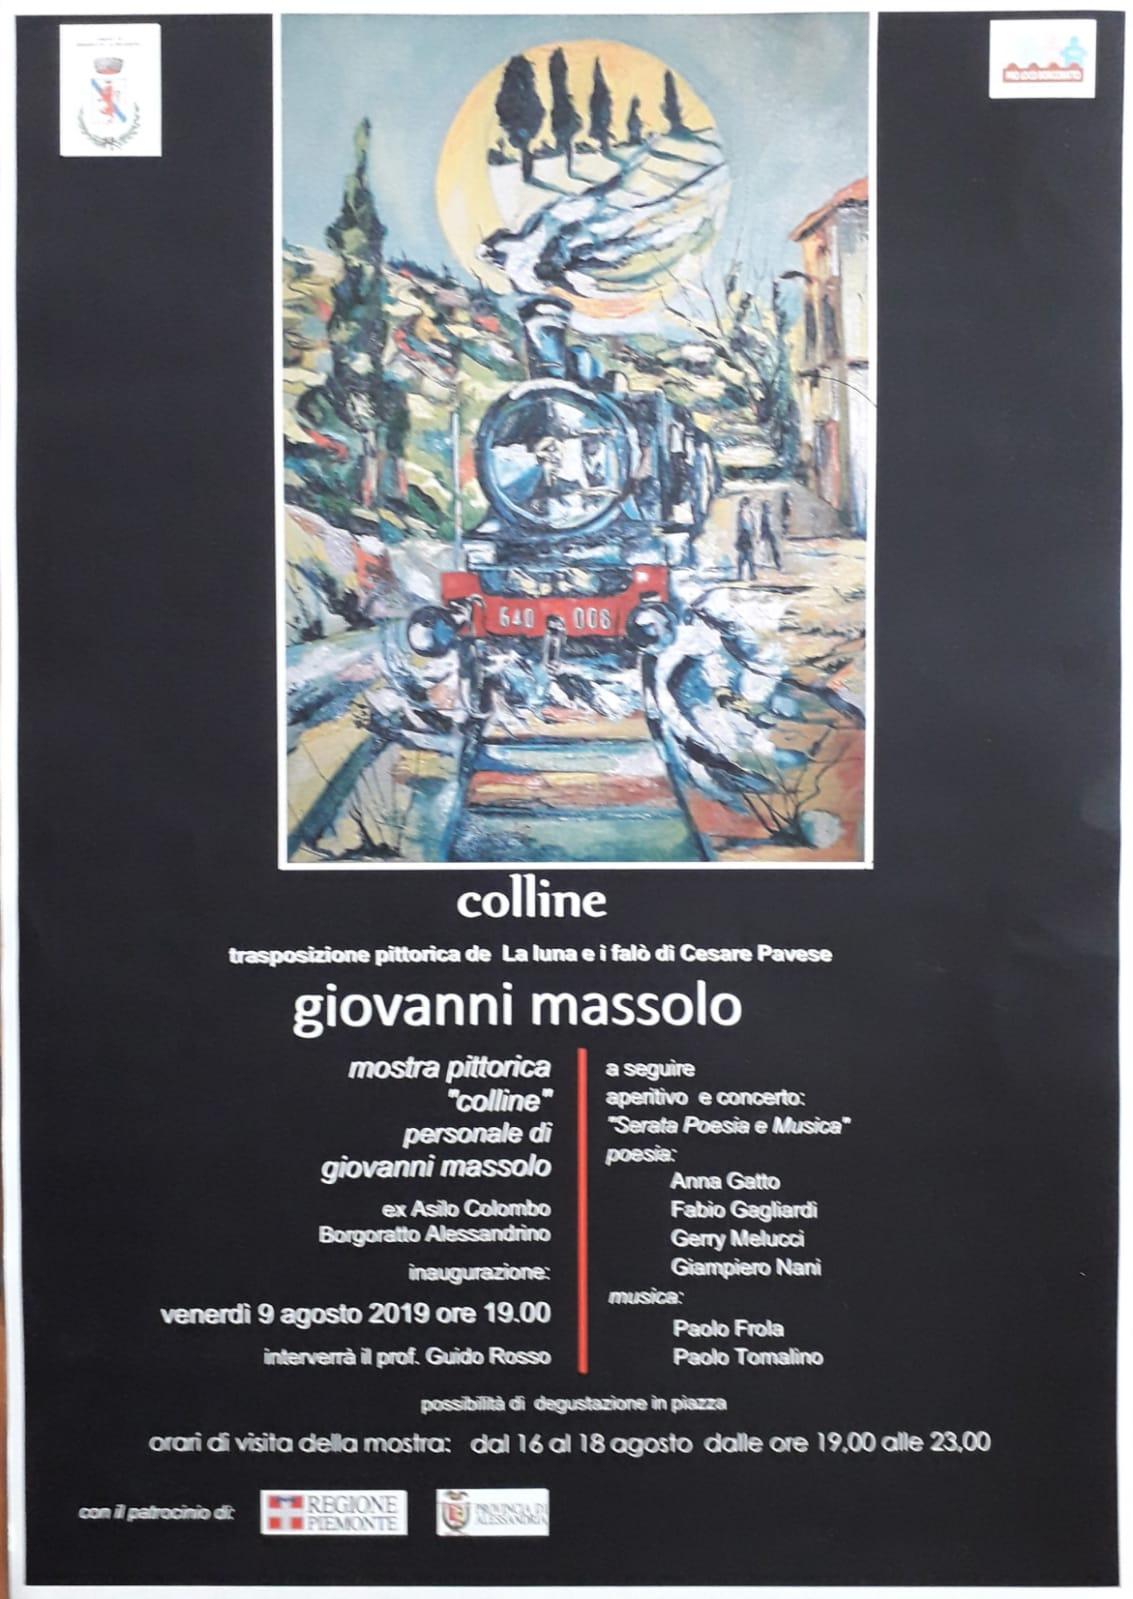 Momenti di cultura. Serata di pittura, poesia e musica a Borgoratto (Alessandria). Articolo a cura di Maurizio Coscia(Sargon)